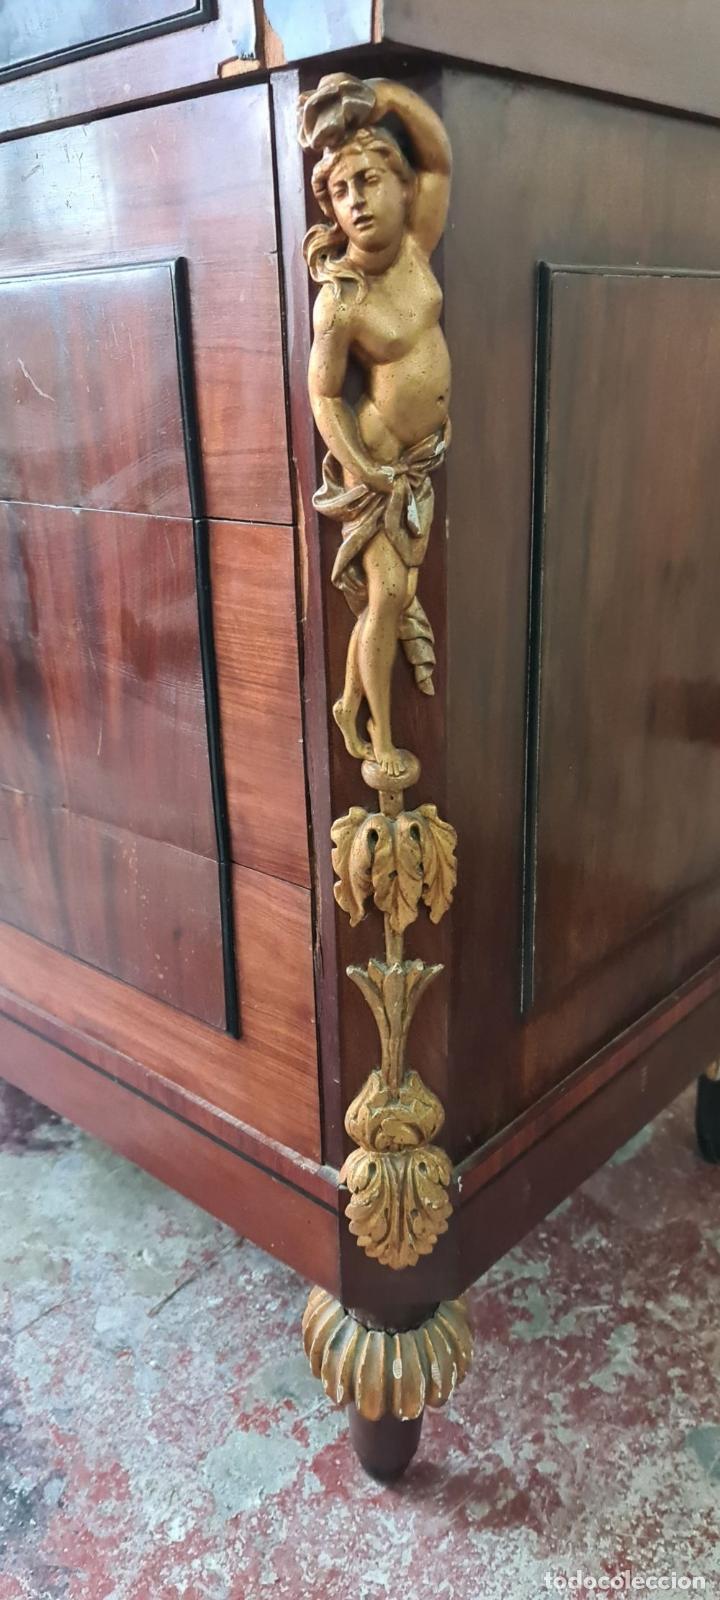 Antigüedades: COMODA TOCADOR. MADERA DE CAOBA Y DORADOS. ESTILO DIRECTORIO. SOBRE DE MÁRMOL. SIGLO XVIII-XIX. - Foto 15 - 238726050